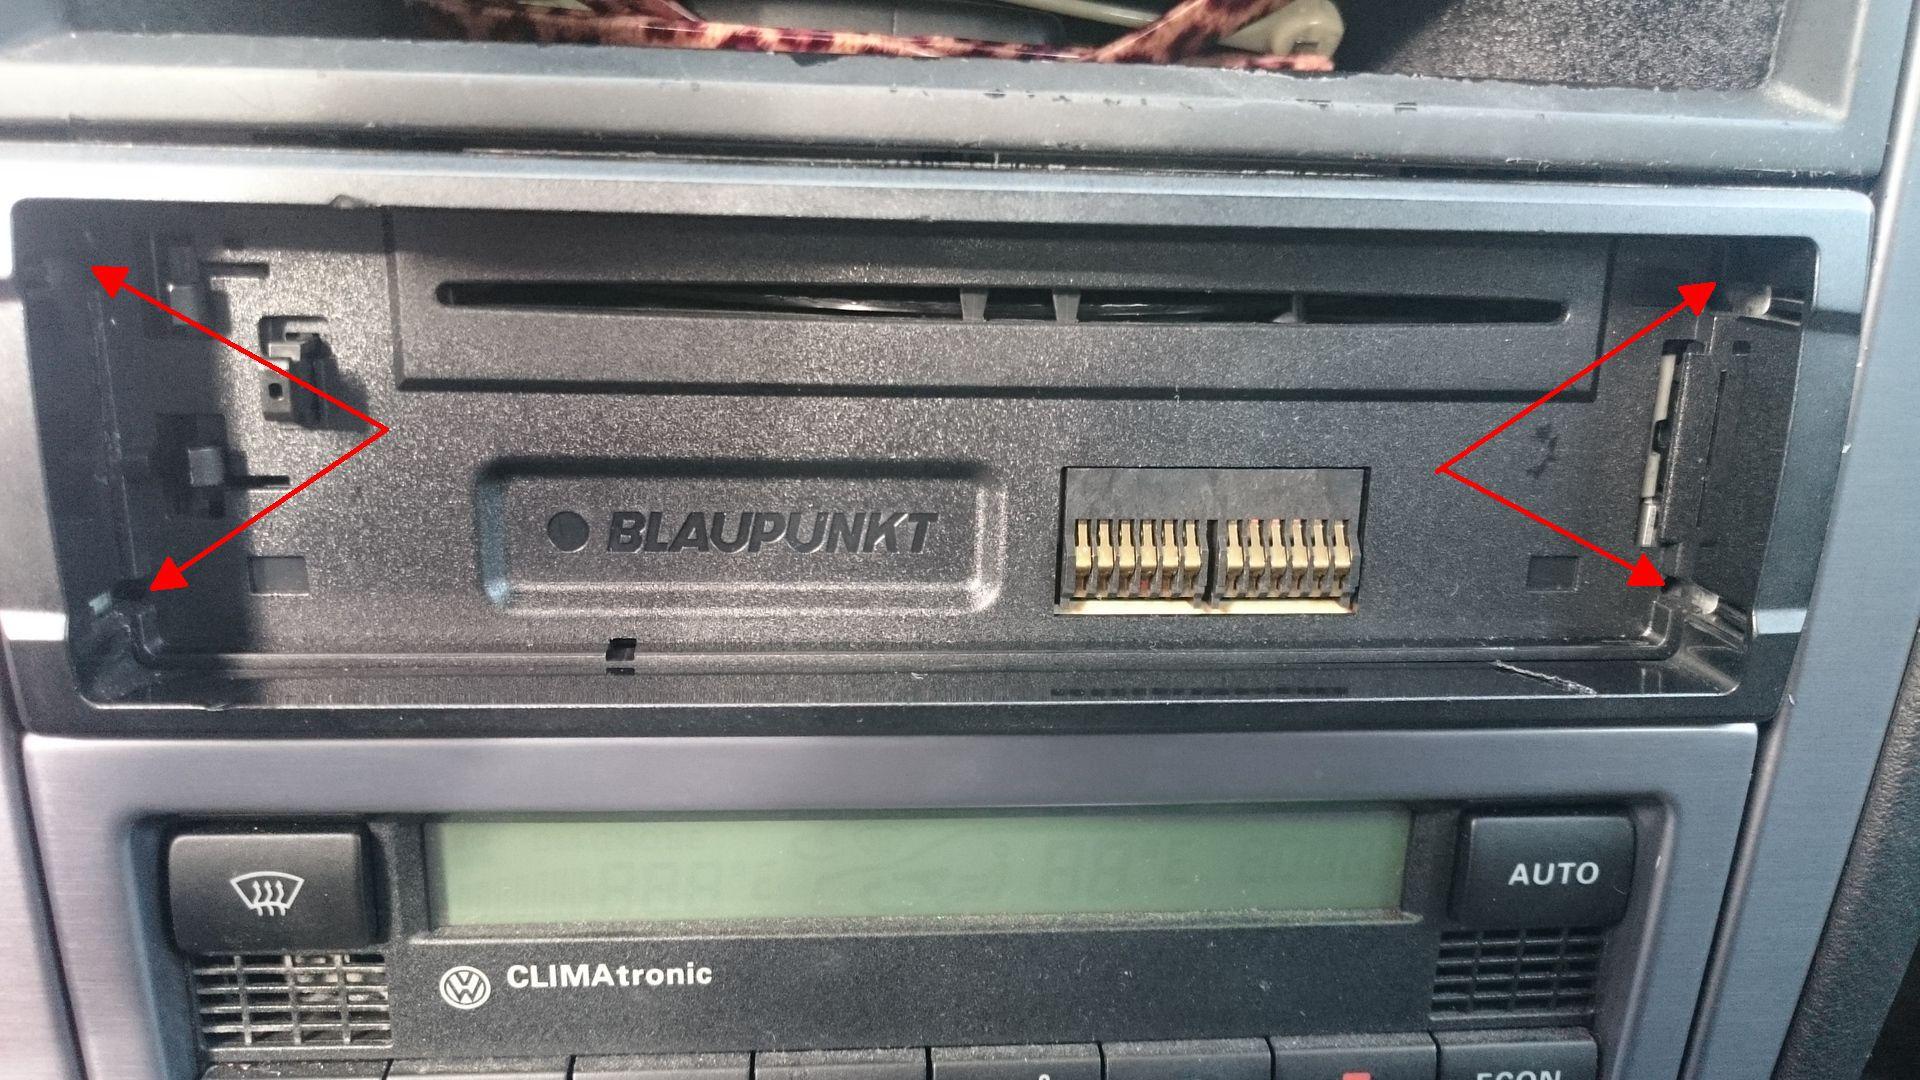 Aux Kabel Radio Mit Und Ohne Display 664417 | anschluss, verkabelung ...